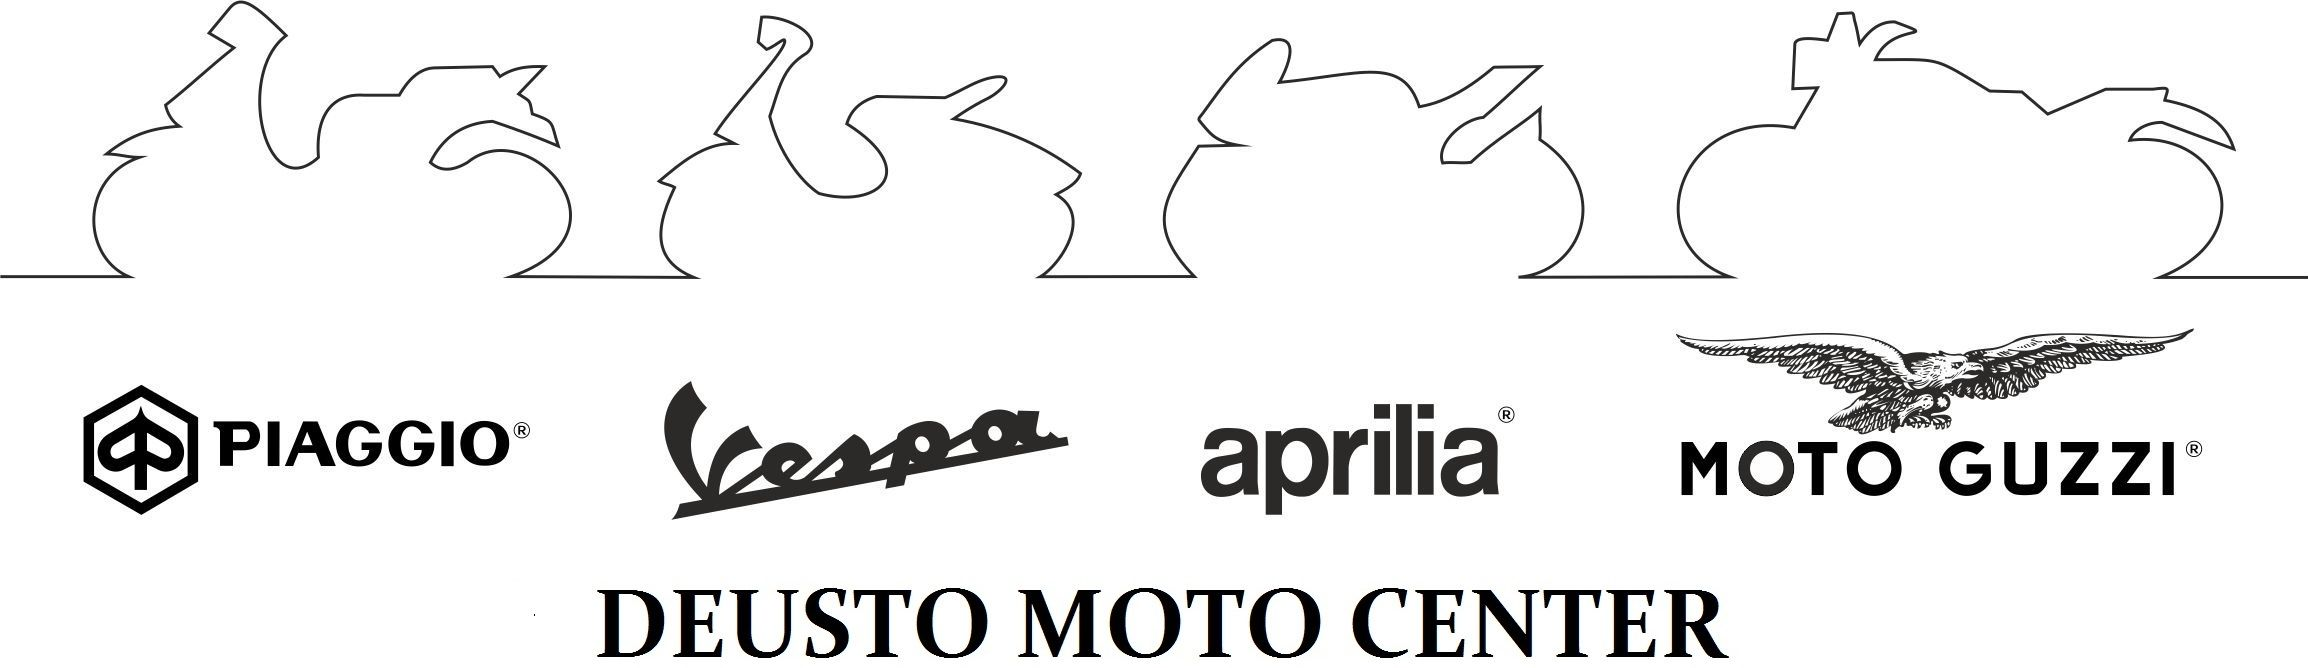 Deusto Moto Center, Concesionario Oficial en Bilbao (Bizkaia)